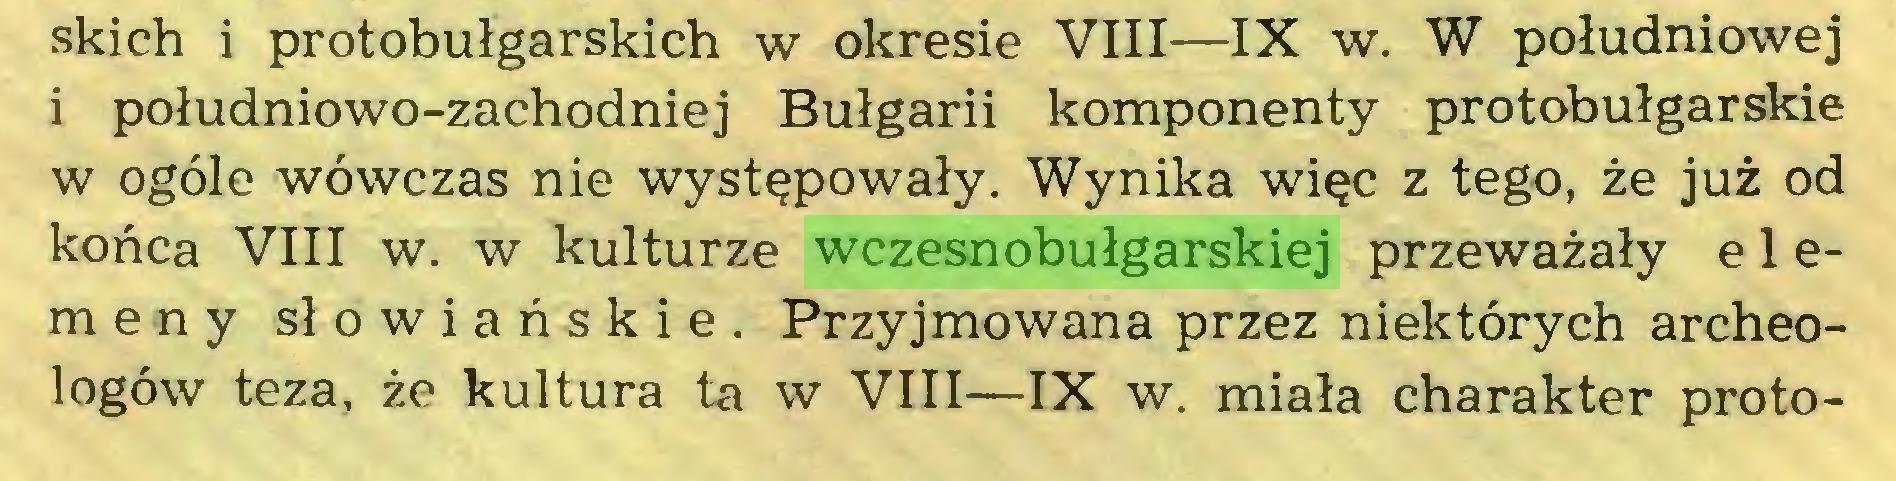 (...) skich i protobułgarskich w okresie VIII—IX w. W południowej i południowo-zachodniej Bułgarii komponenty protobułgarskie w ogóle wówczas nie występowały. Wynika więc z tego, że już od końca VIII w. w kulturze wczesnobułgarskiej przeważały e 1 emeny słowiańskie. Przyjmowana przez niektórych archeologów teza, że kultura ta w VIII—IX w. miała charakter proto...